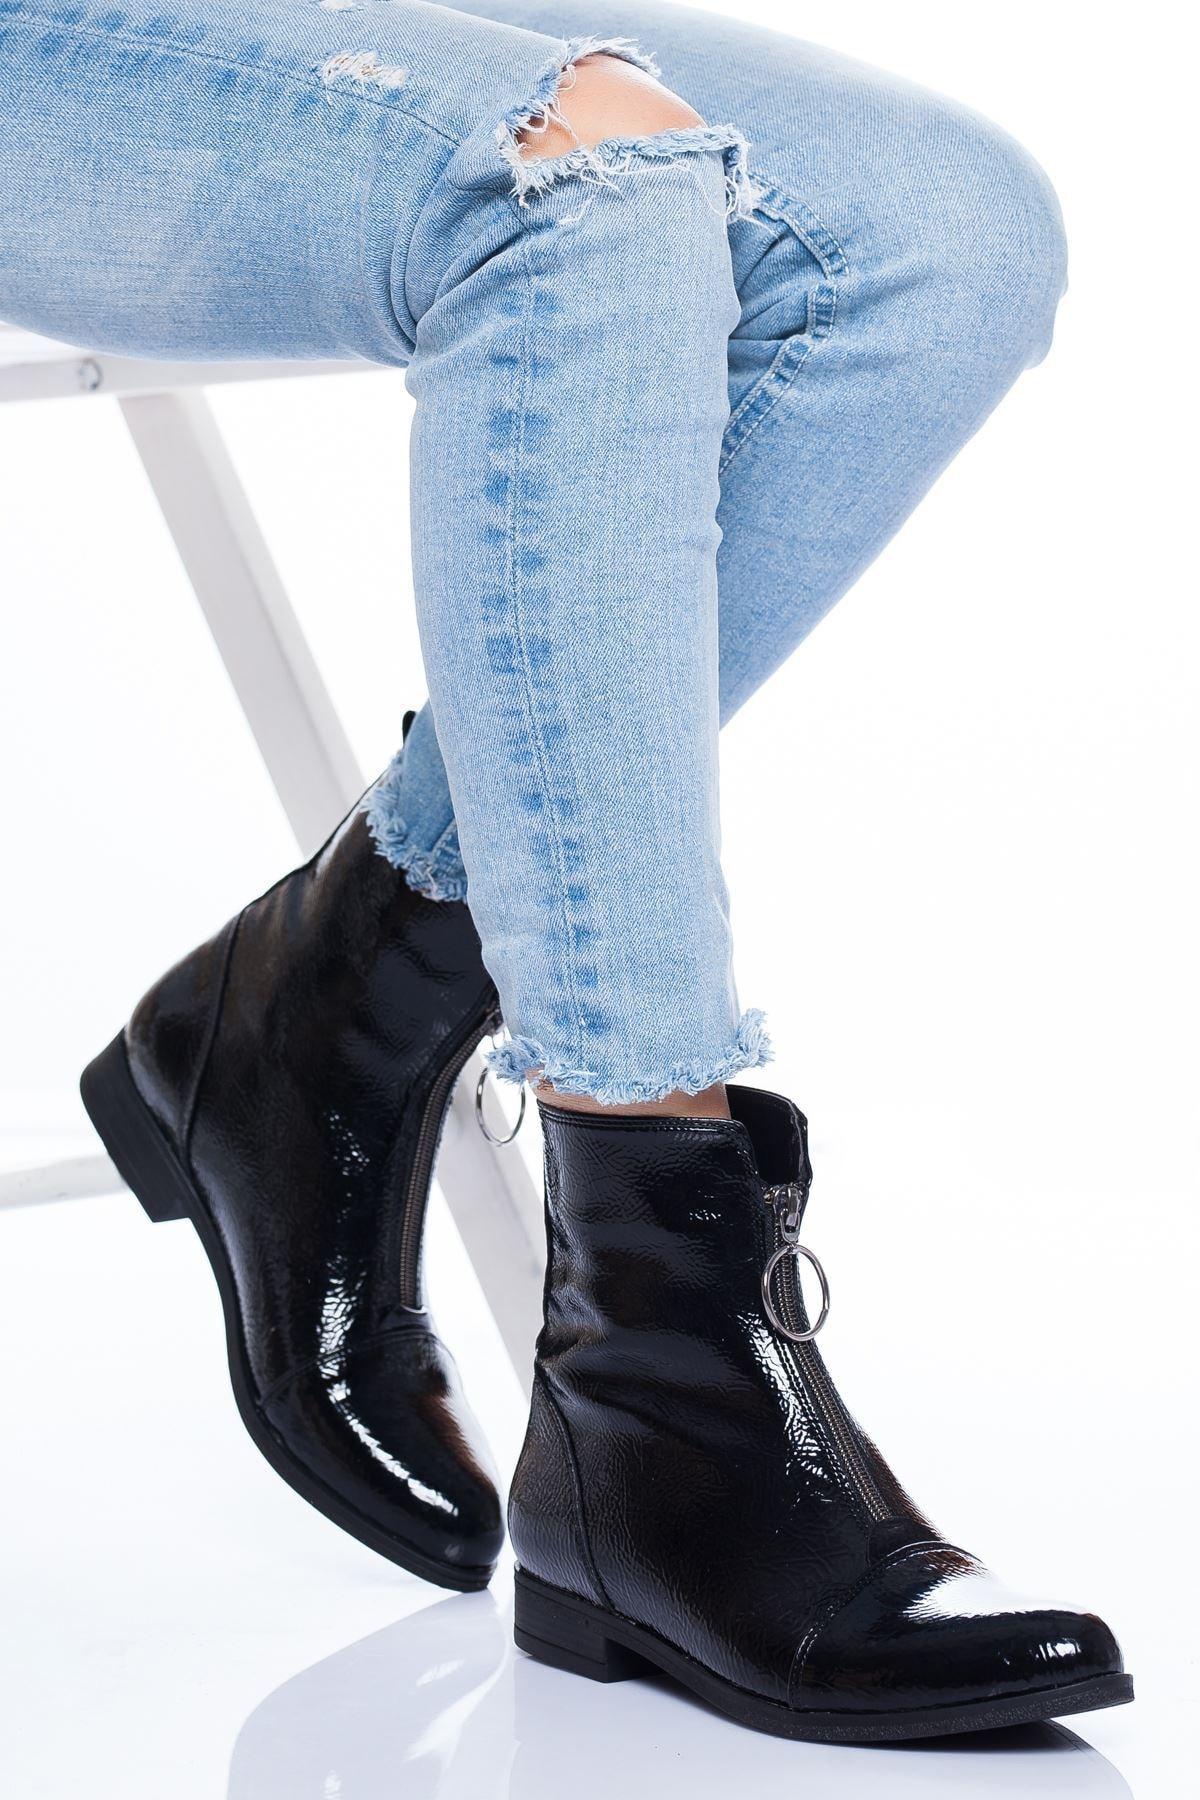 derithy Kadın Siyah Garni Bot Carey abn1501 1